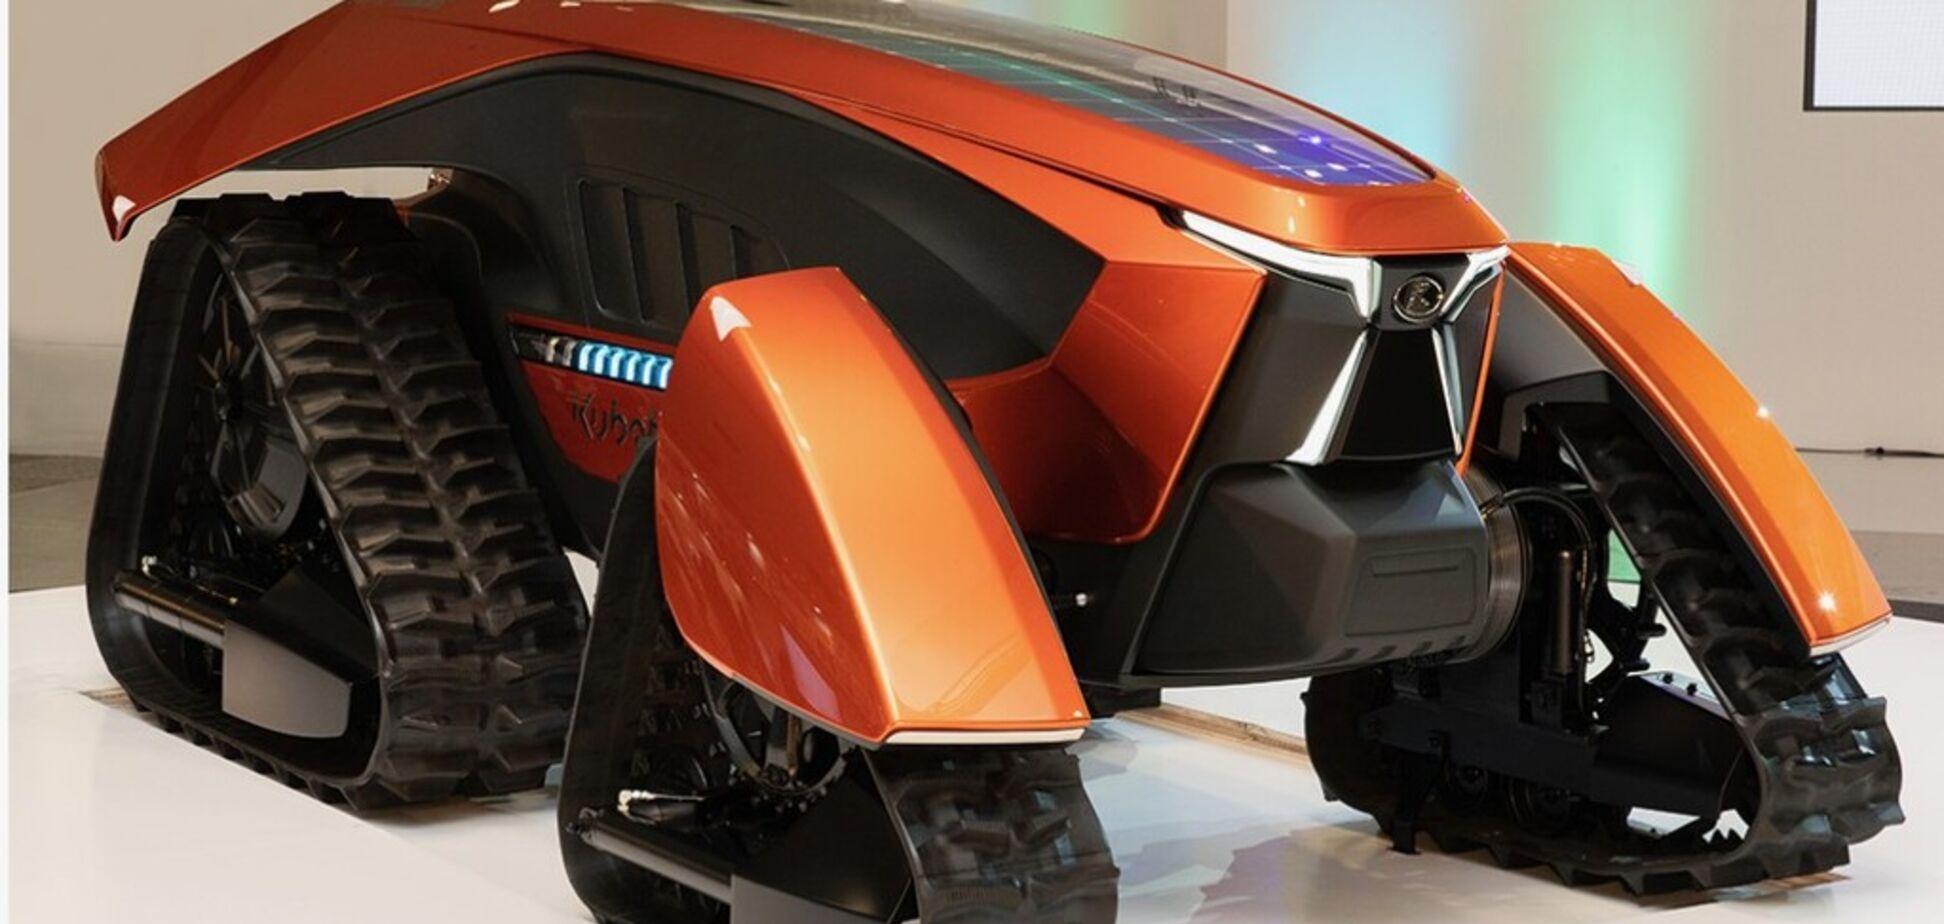 Фермеры Японии начнут использовать роботов на солнечных панелях